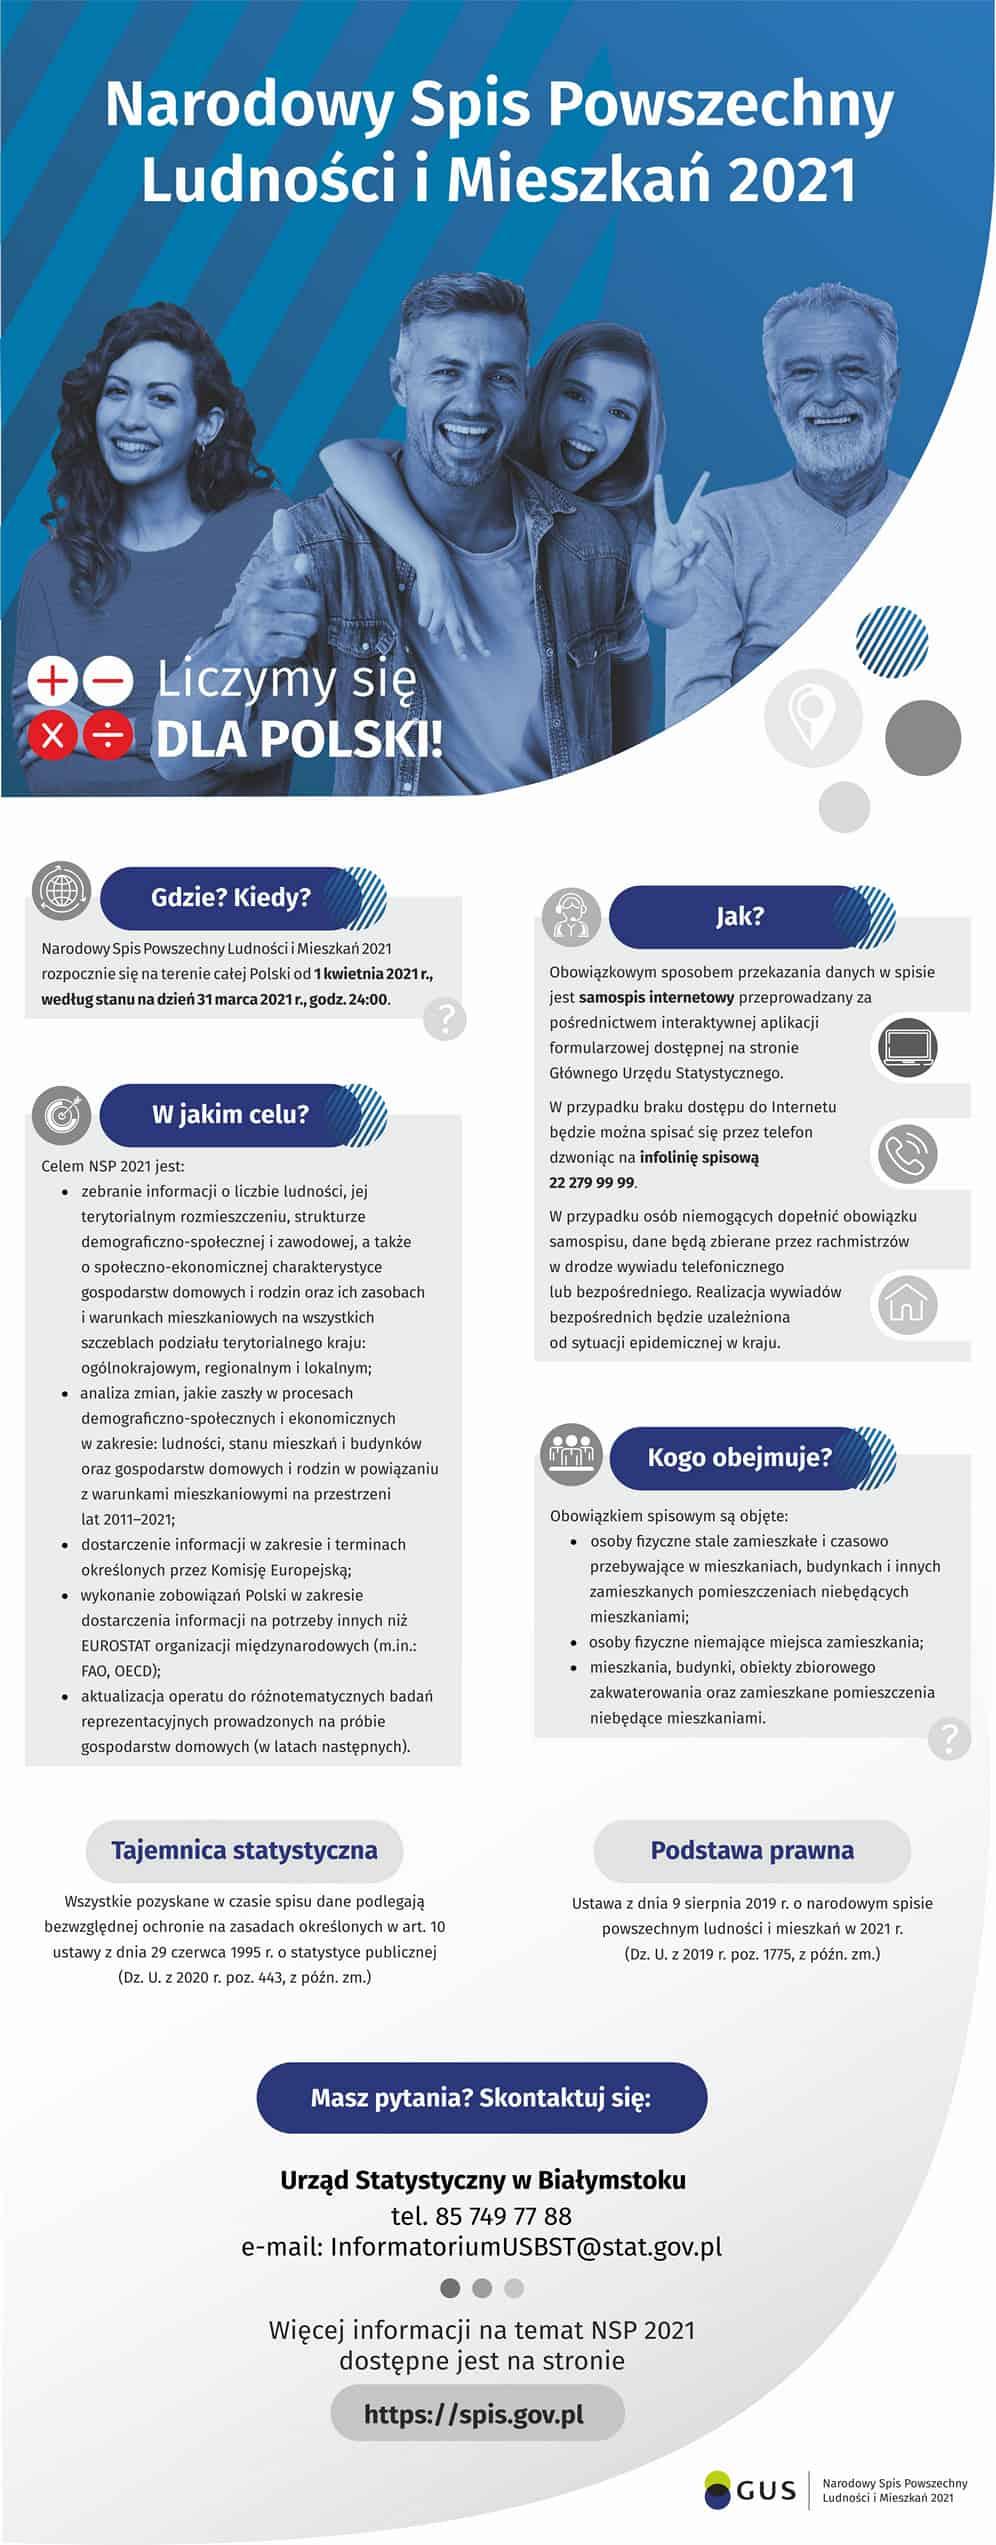 Narodowy Spis Powszechny 2021 - plakat